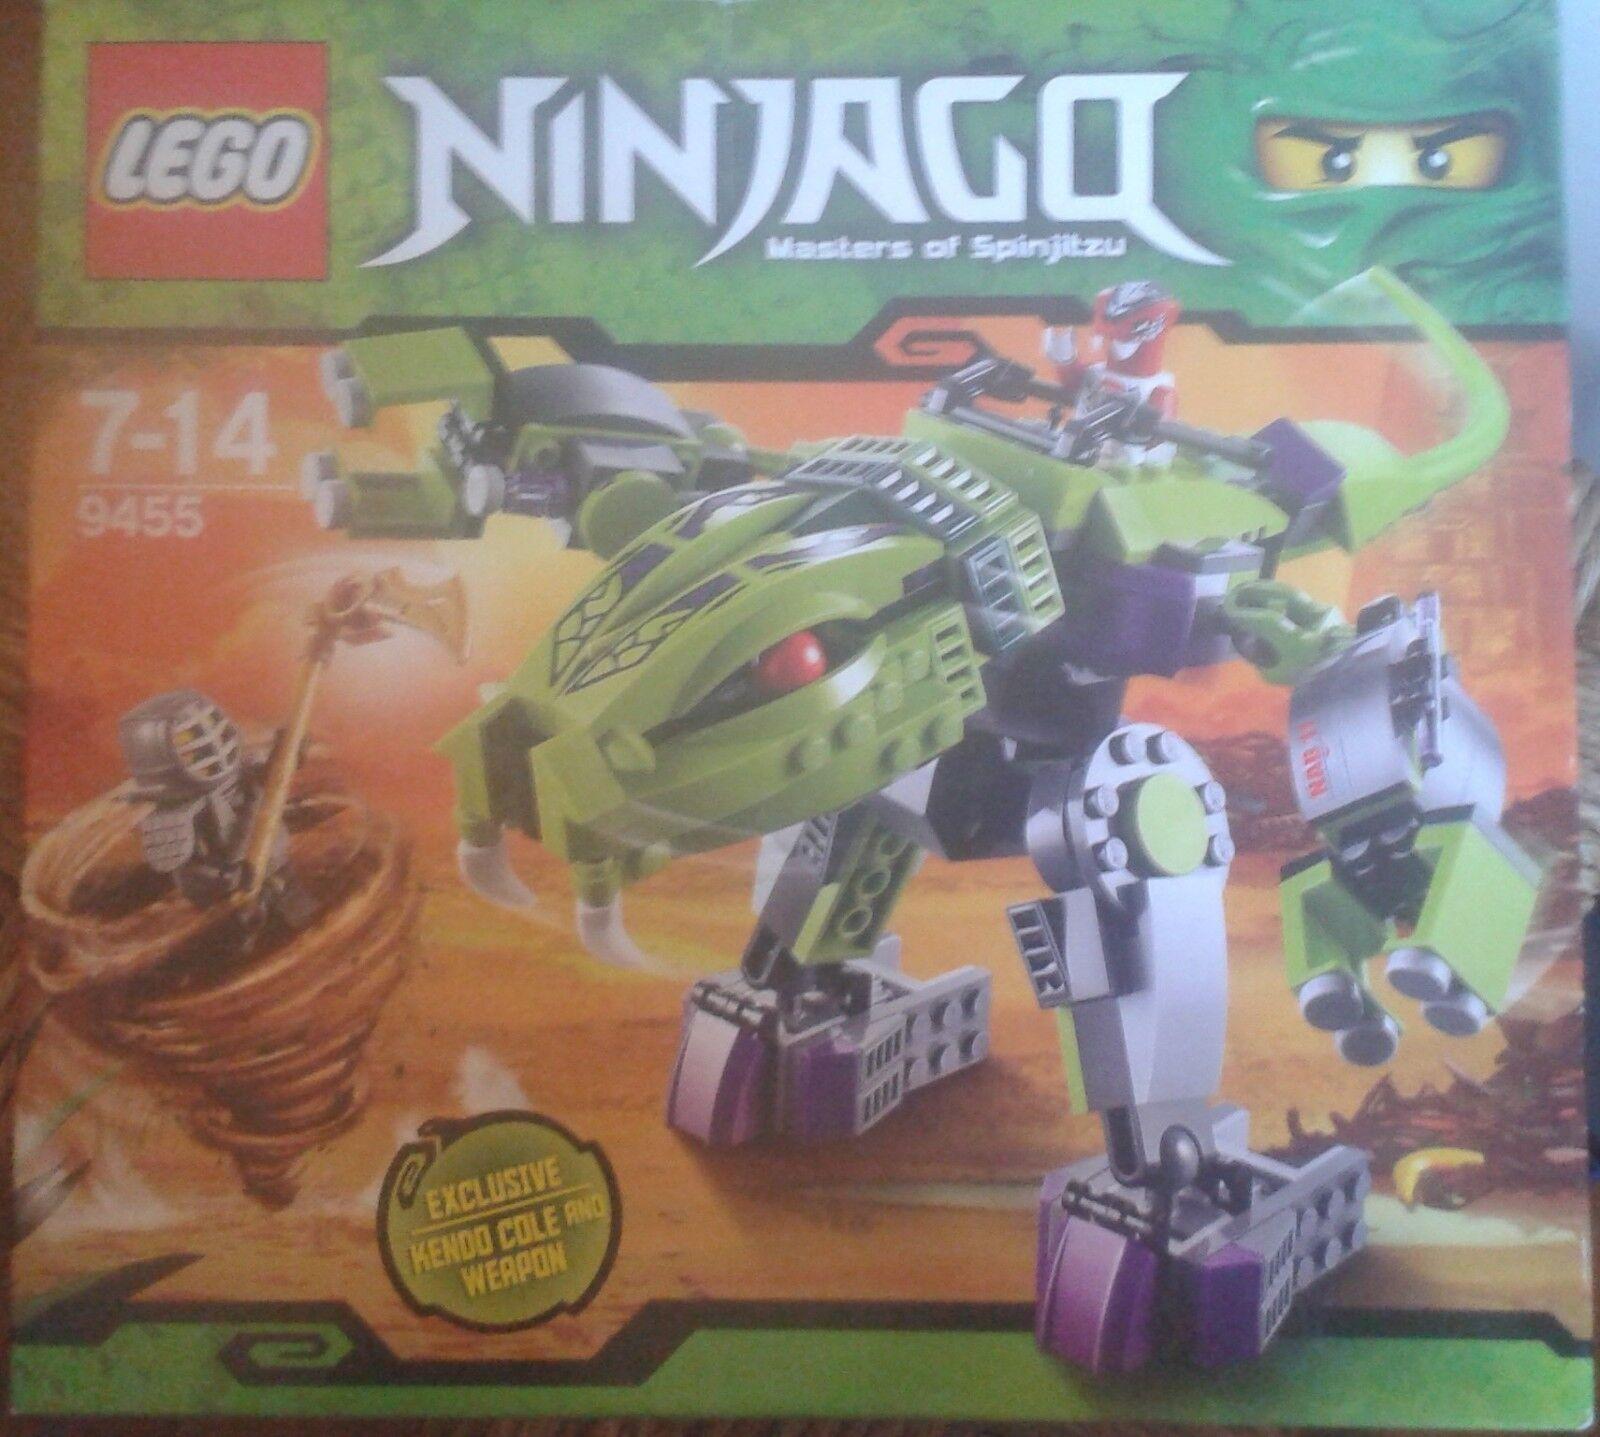 LEGO NINJAGO-9455- ROBOT FANGPYRE-8 14 ANS-NEUF SCELLE